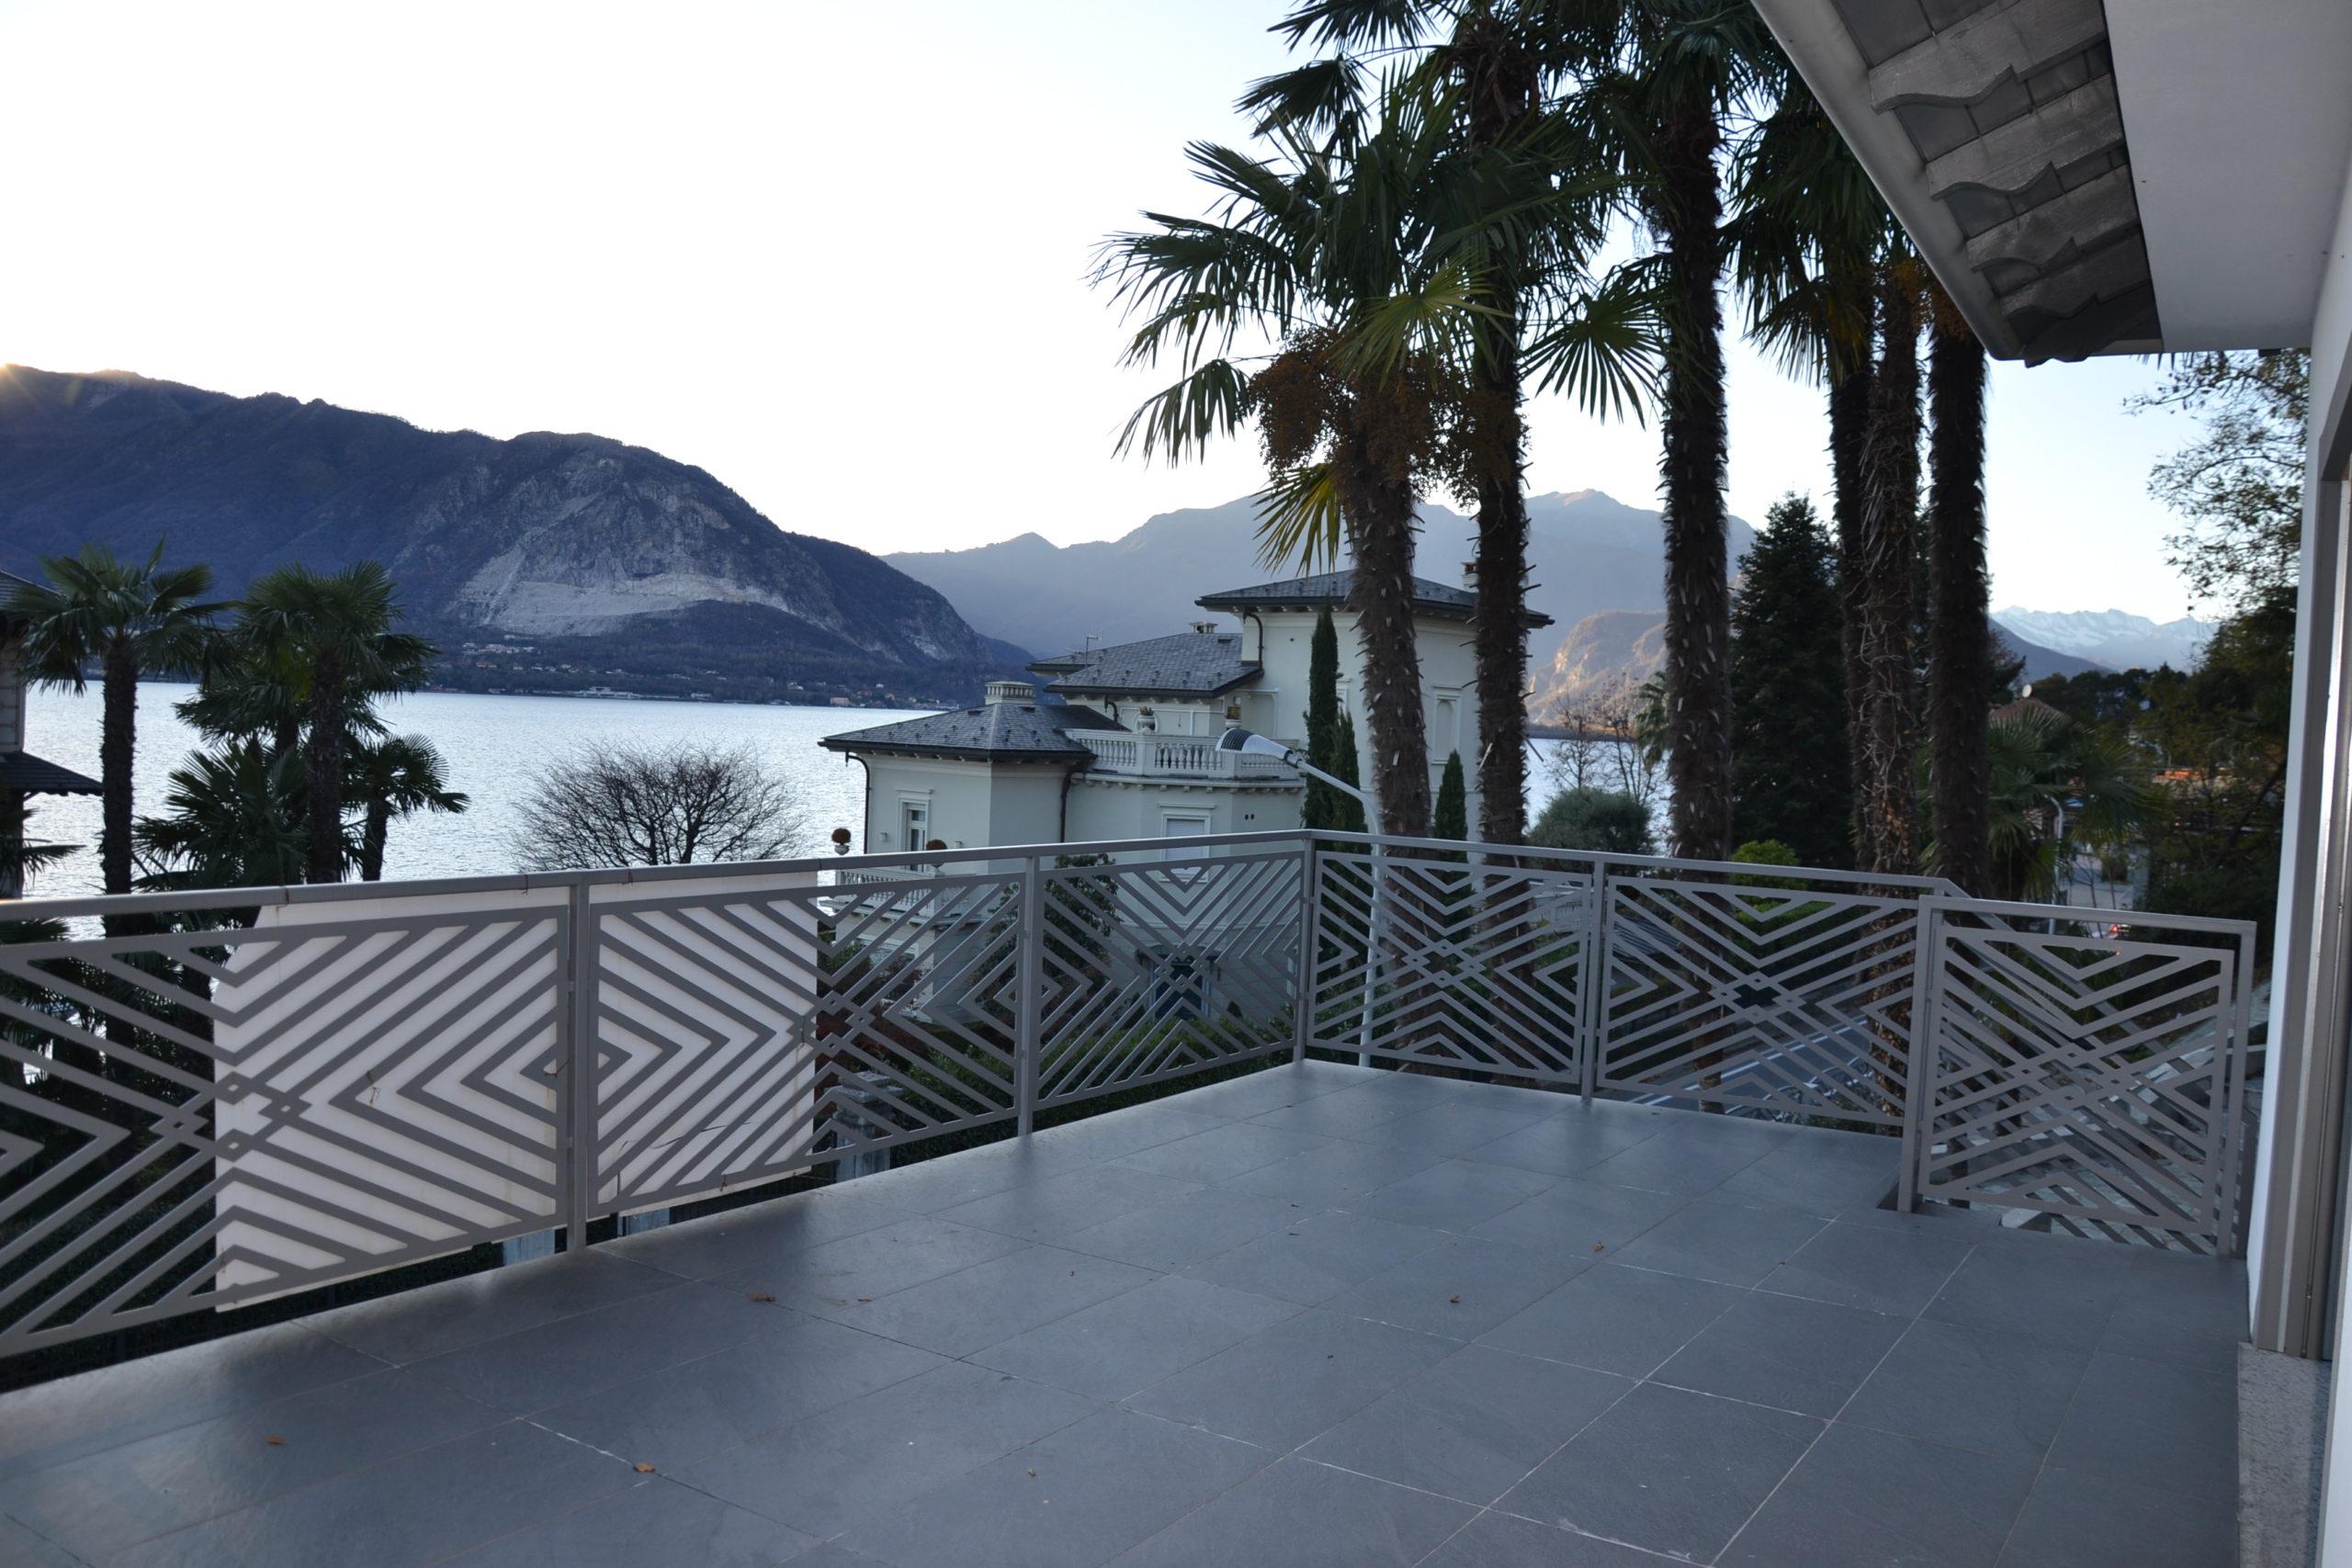 Villa con vista lago, Suna. Dall'antico al moderno